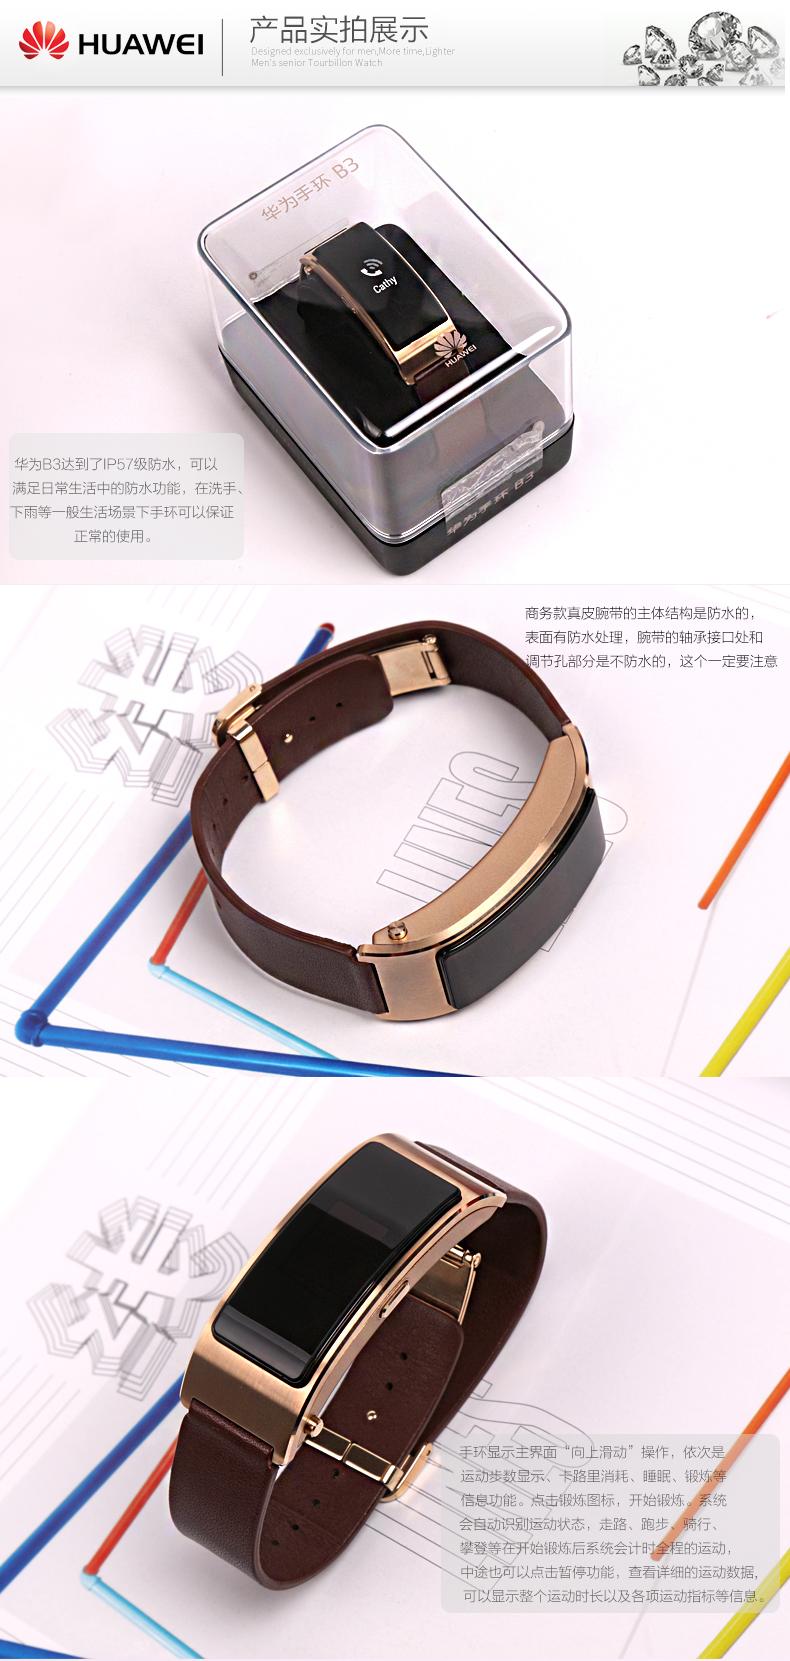 华为b3智能手环新品预售